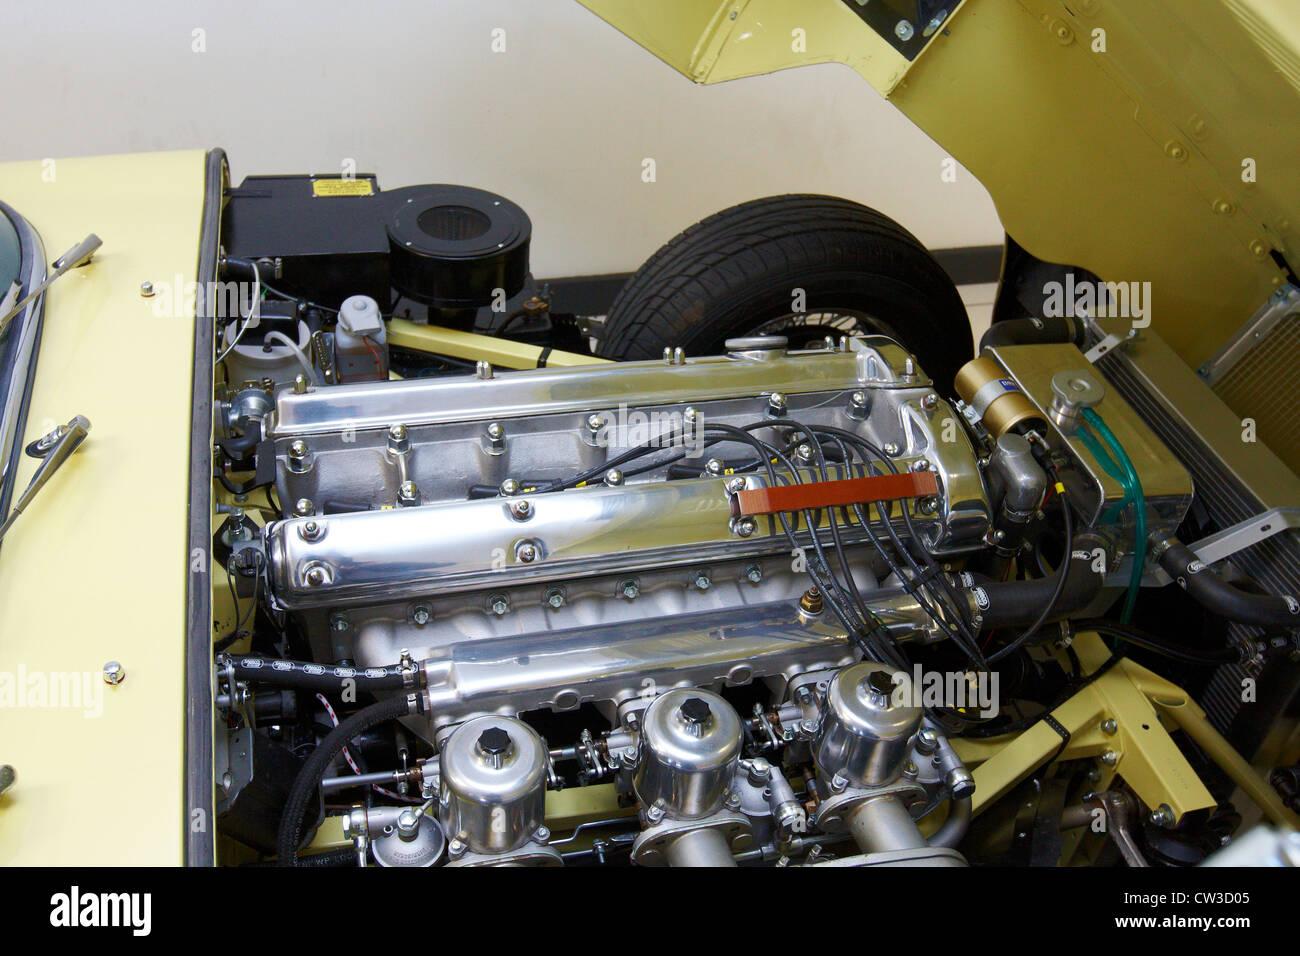 1968 Jaguar 4 2 Engine Diagram Camry 2008 Interior Fuse Box Rainbowvacum Losdol2 Jeanjaures37 Fr